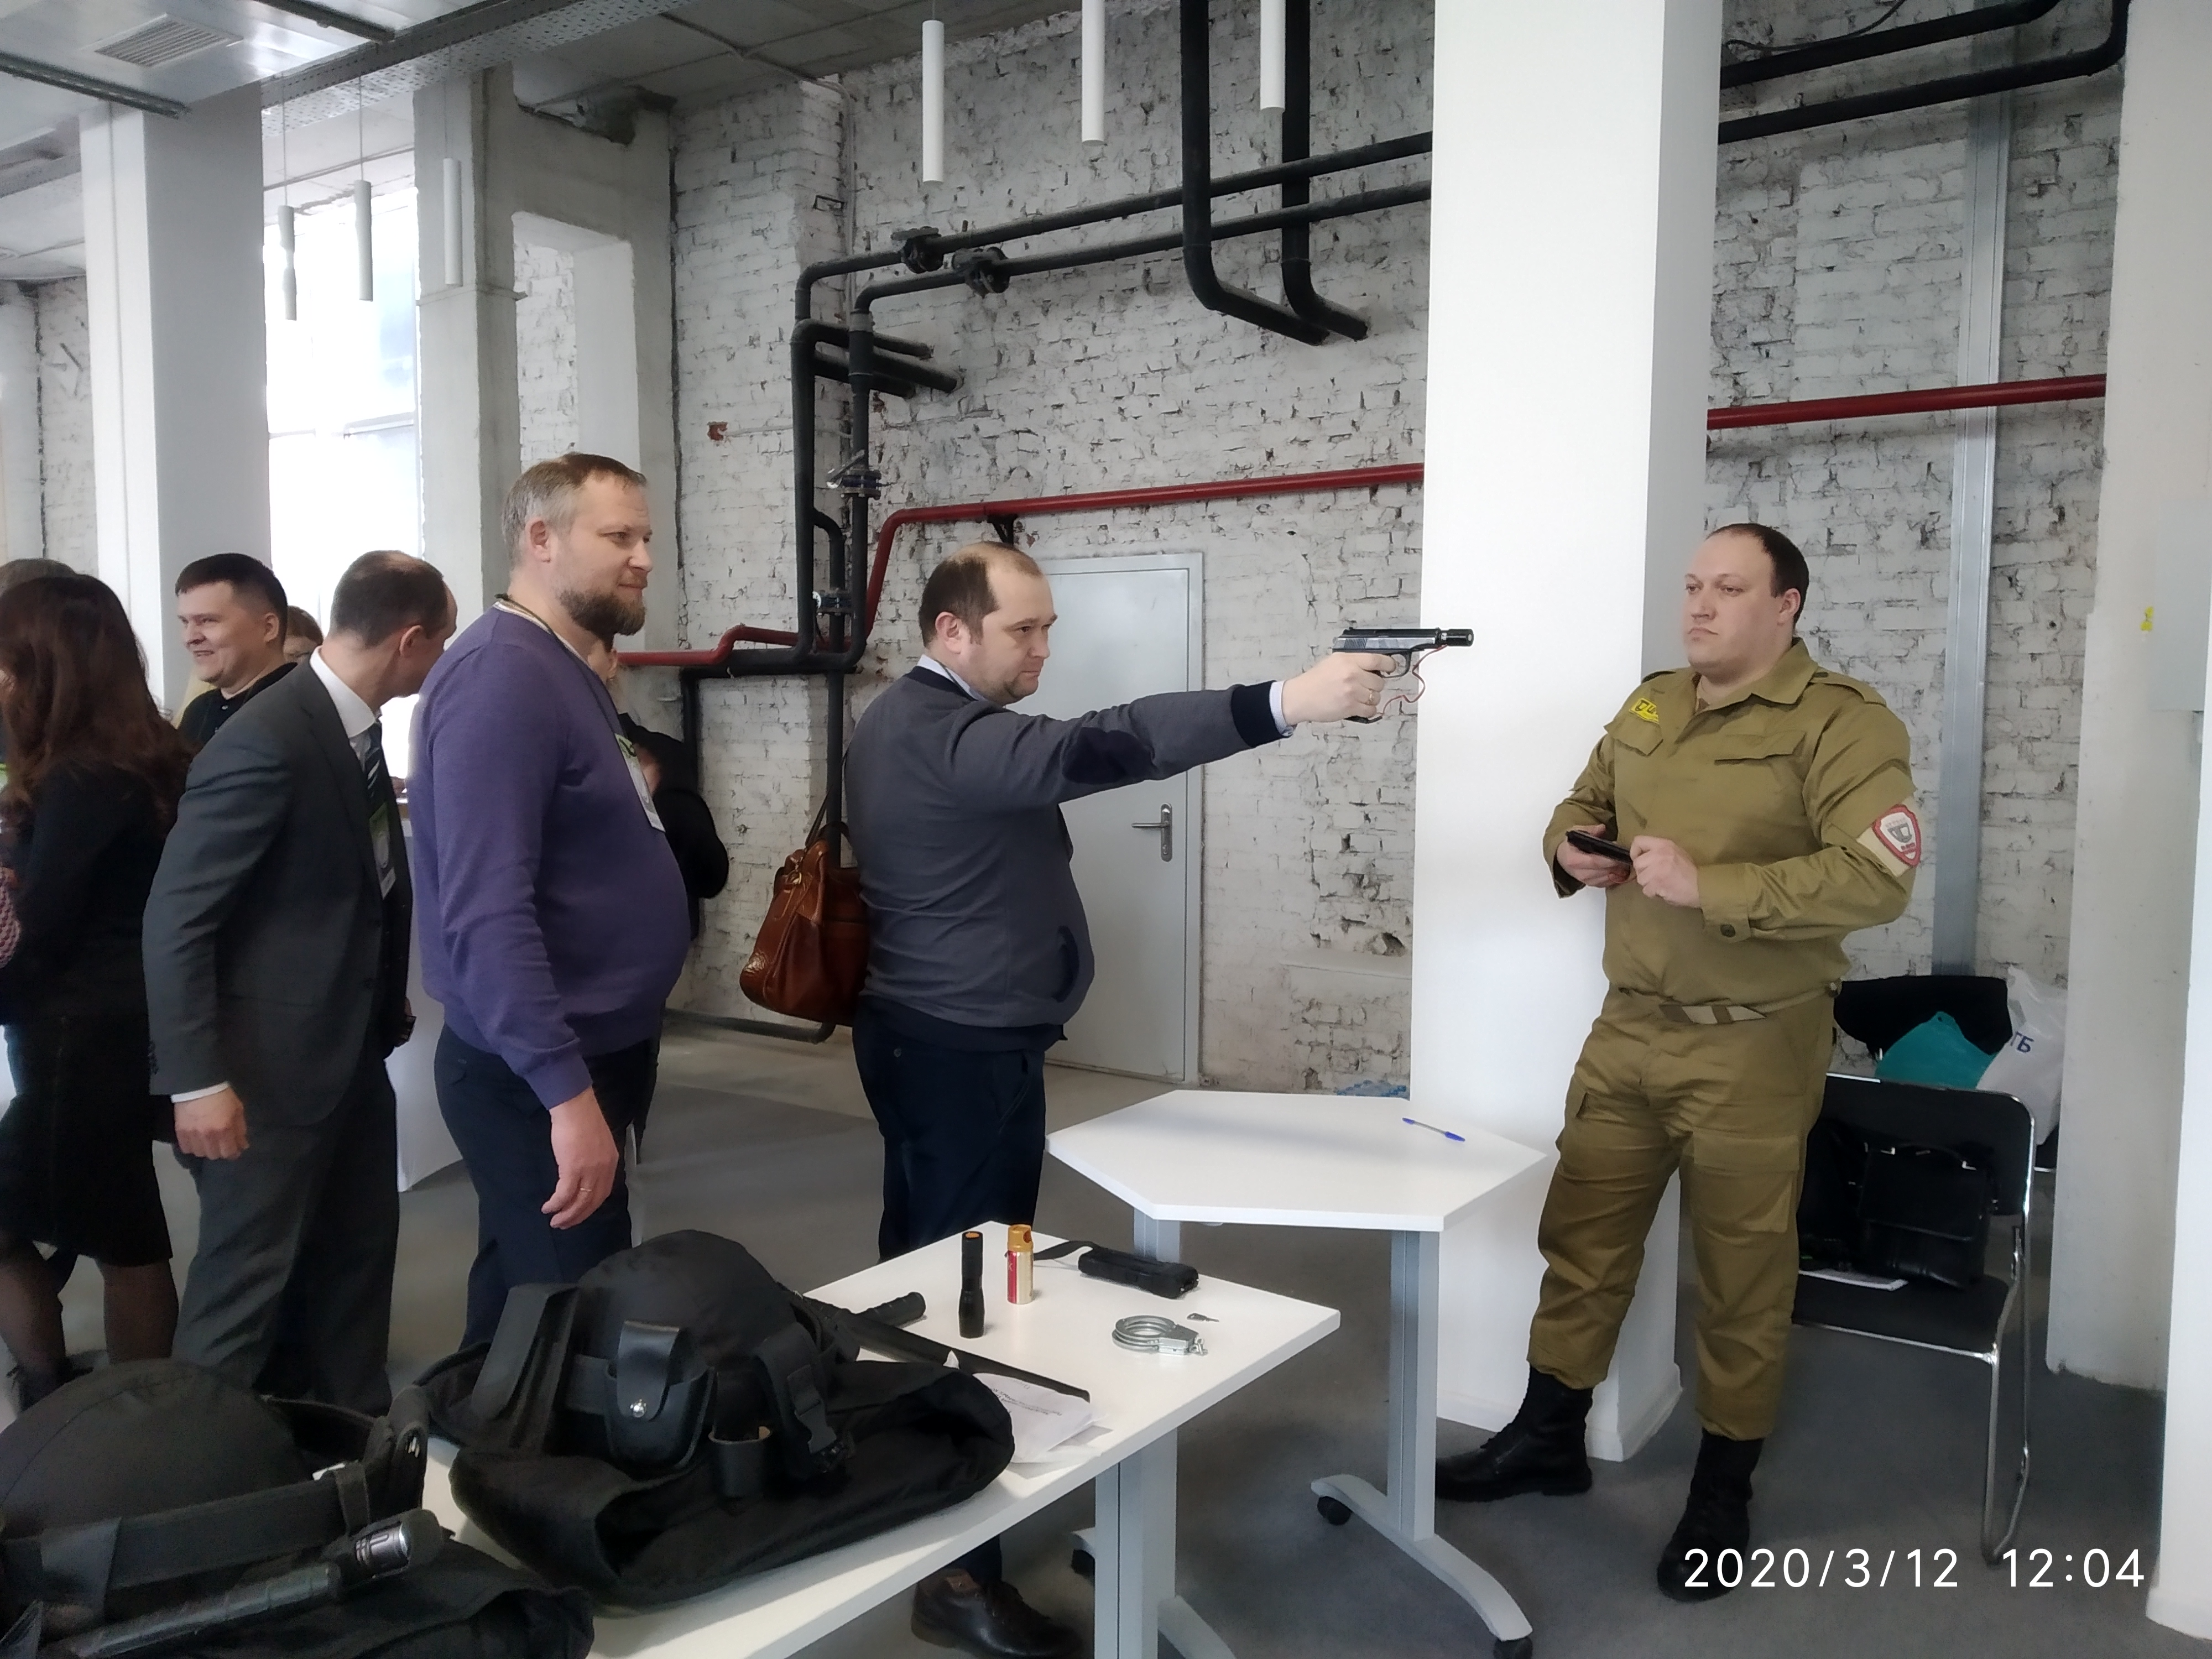 Компания «Цербер» организовала работу лазерного тира, в котором участники заседания с удовольствием тренировали свои навыки стрельбы из пистолета